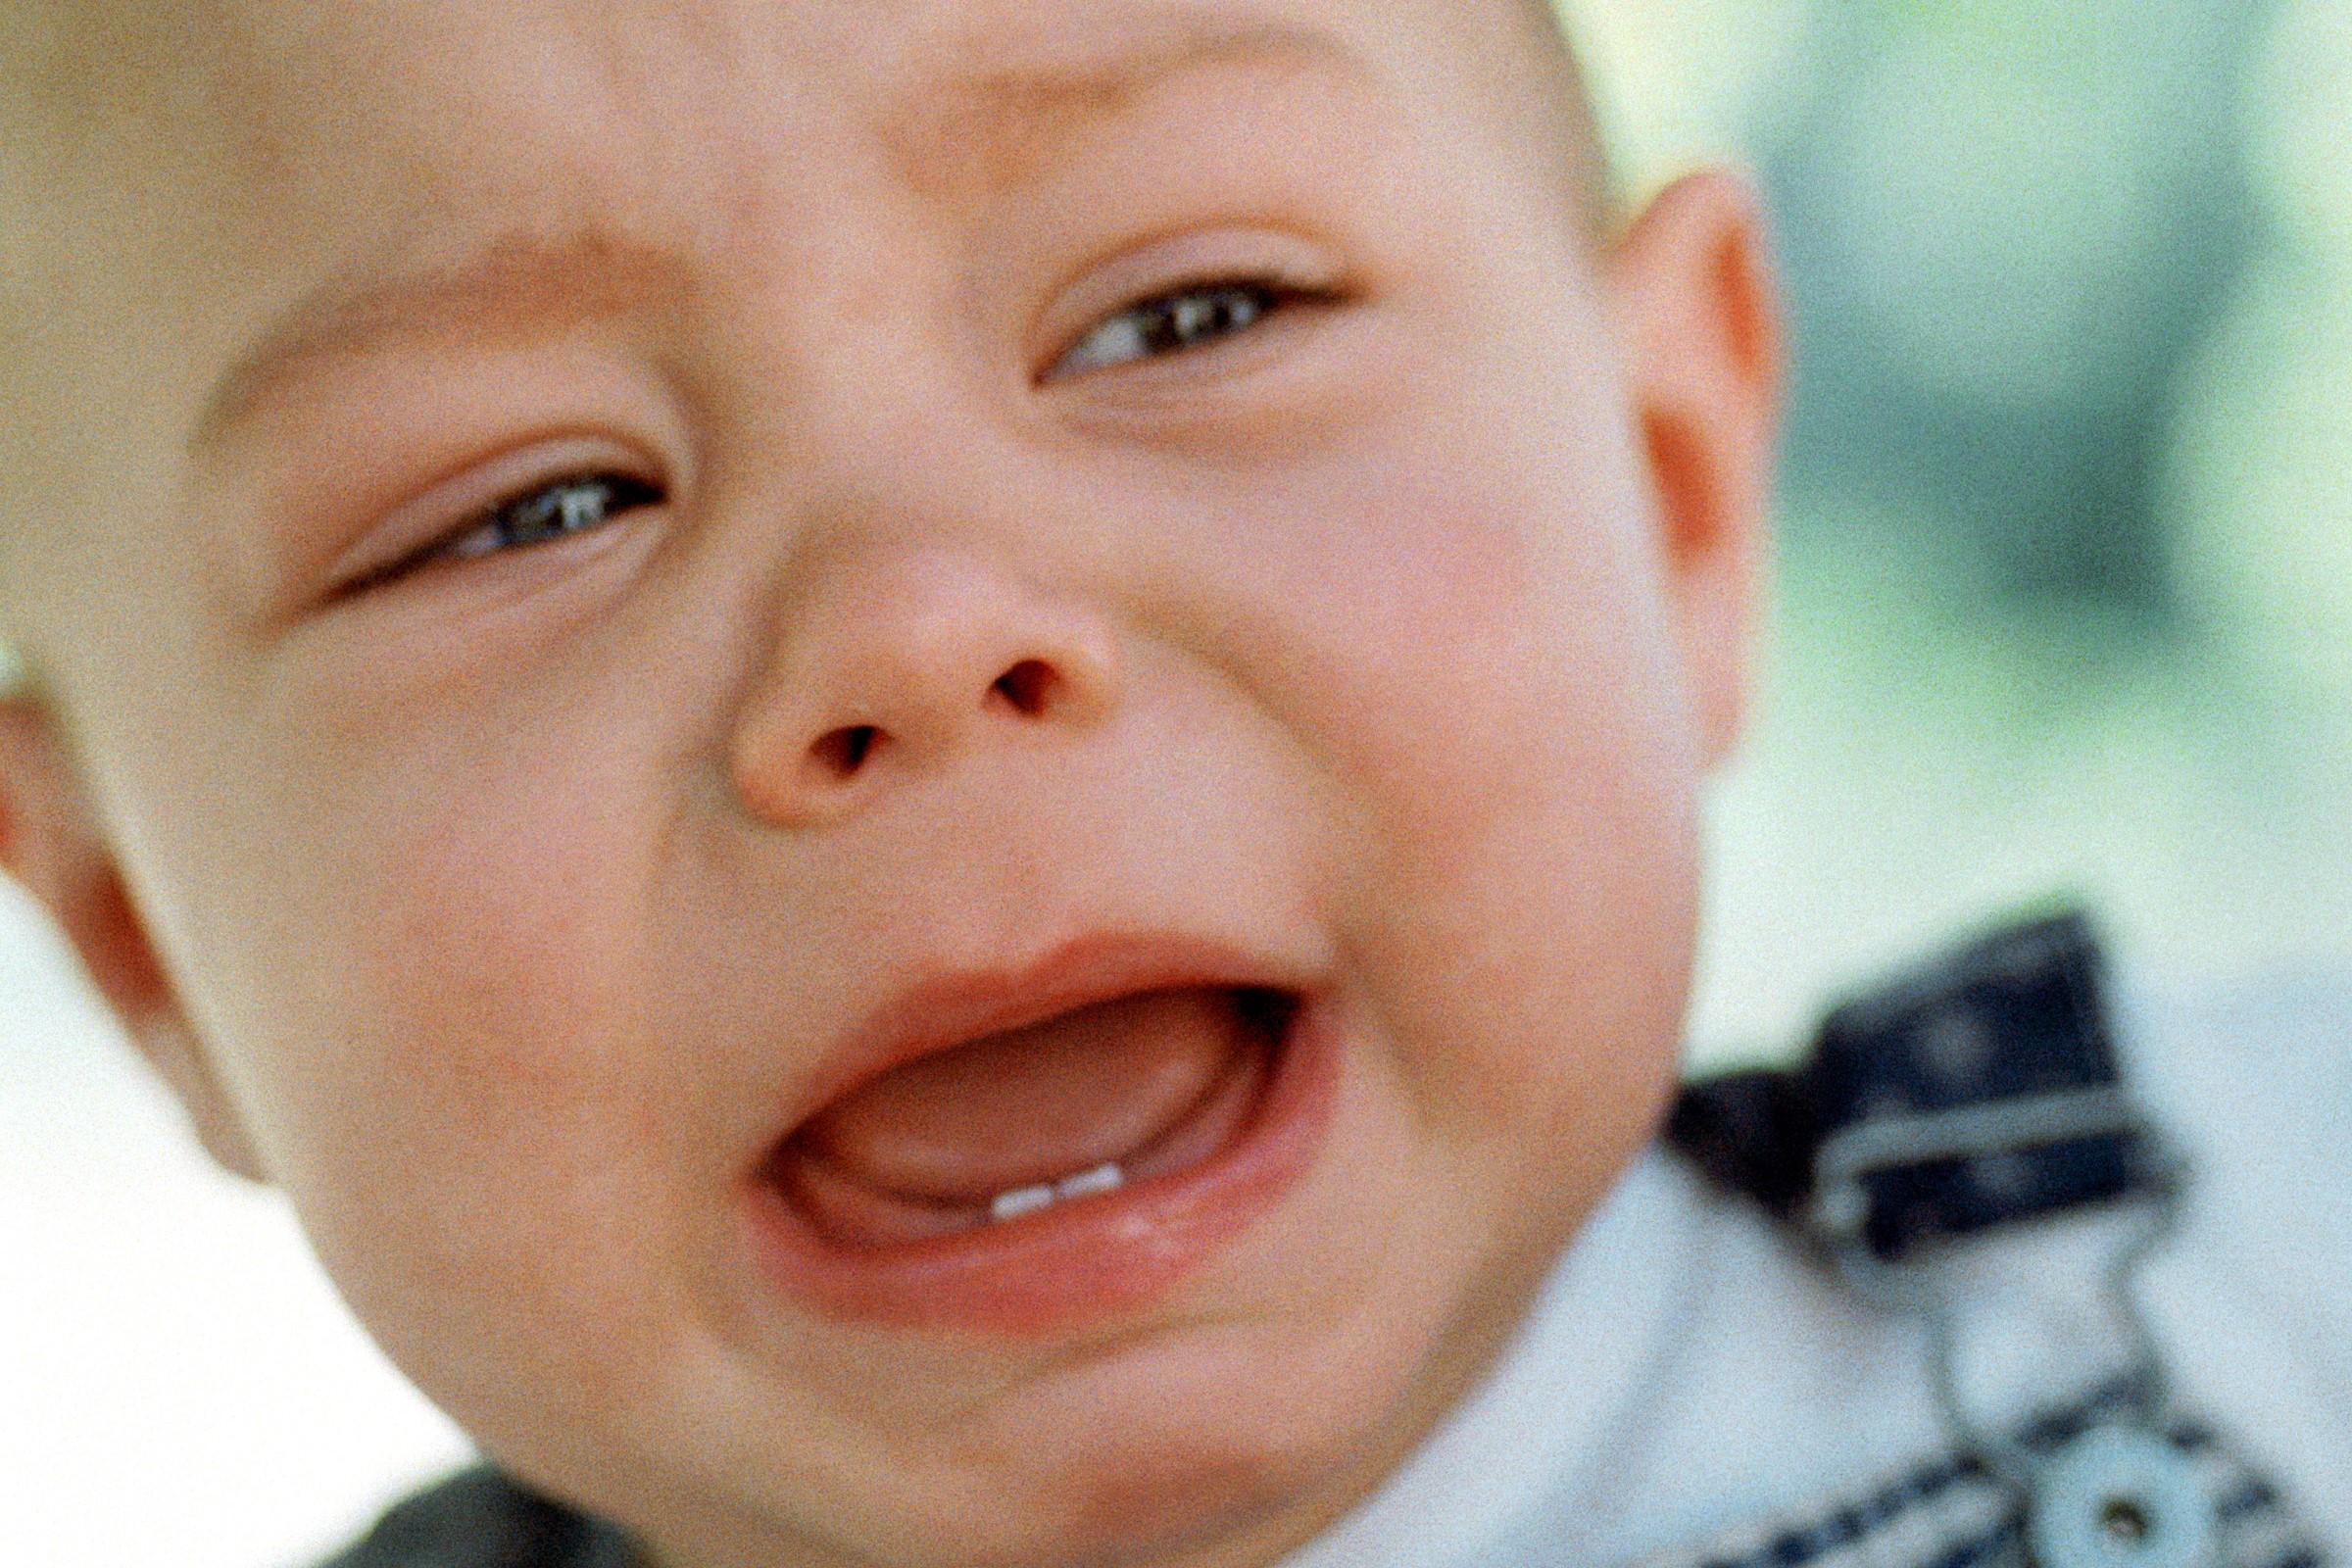 Urinveisinfeksjon hos barn er som regel ufarlige ved rett behandling. Spedbarn kan bli mer alvorlig syke.